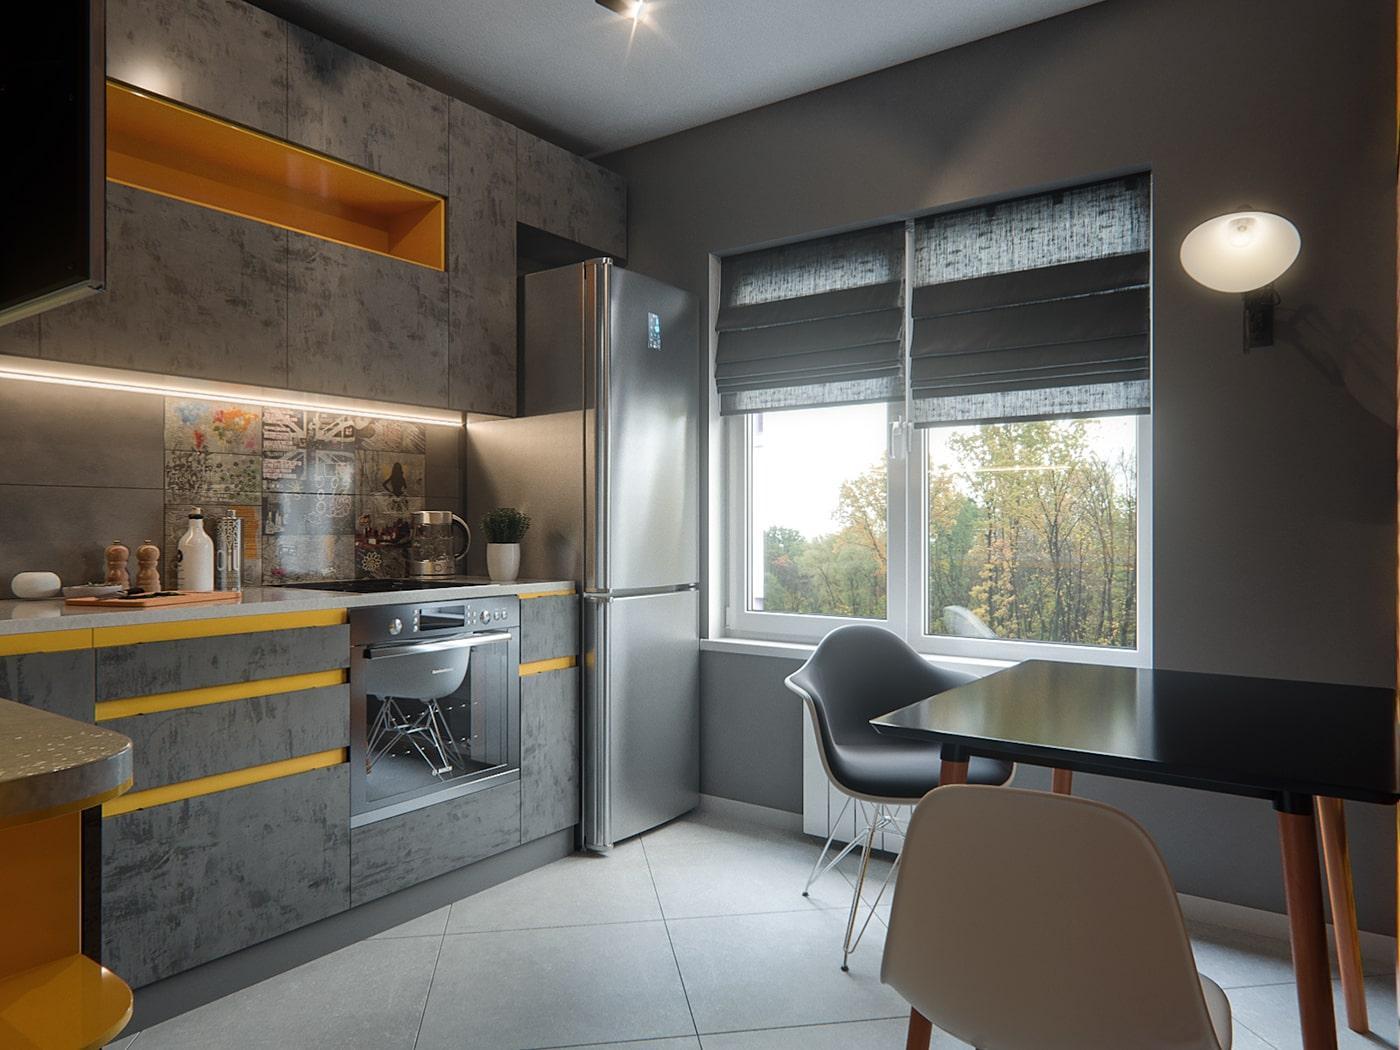 Угловая кухня с текстурными серыми фасадами и желтыми вставками 3